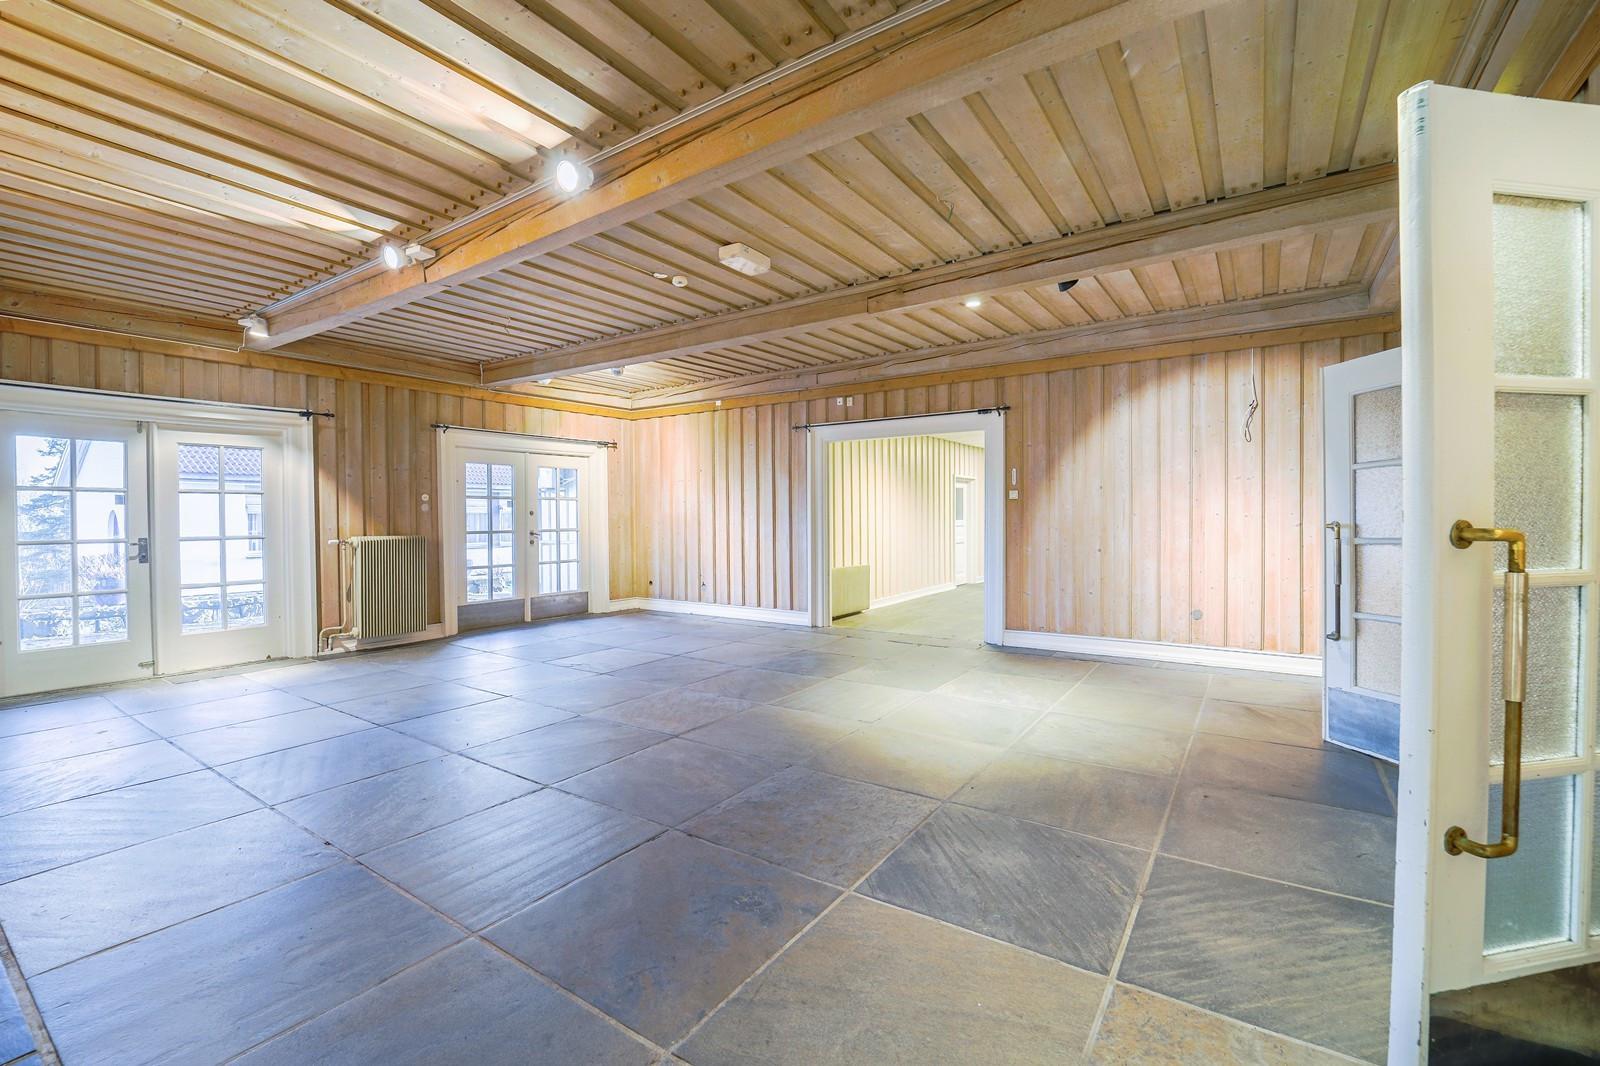 Hallen er stor og lys, men mange bruksområder